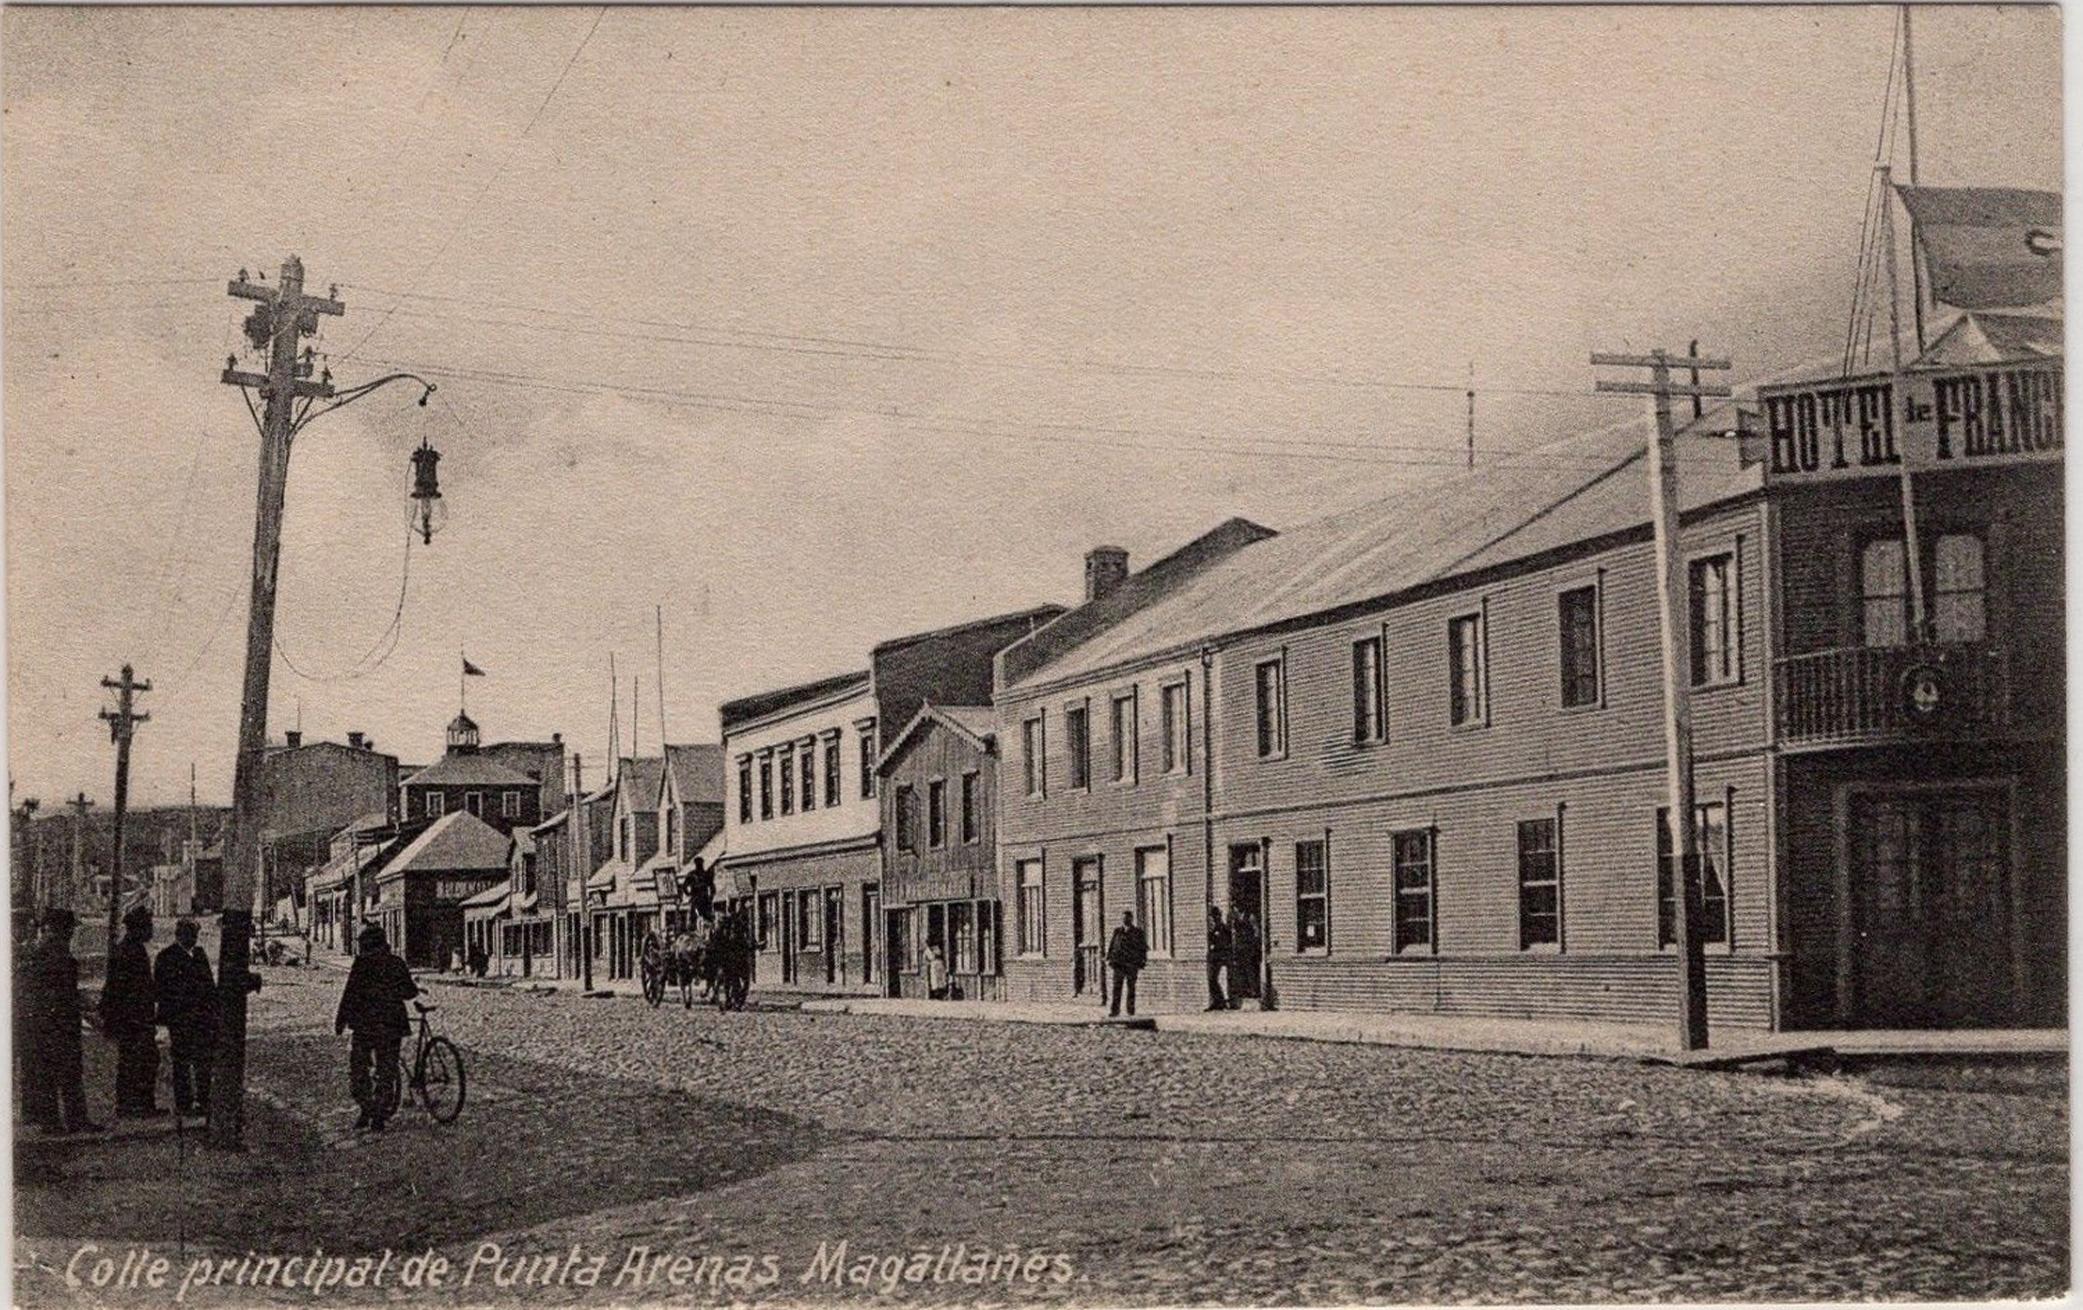 Enterreno - Fotos históricas de chile - fotos antiguas de Chile - Calle Principal de Punta Arenas en 1915